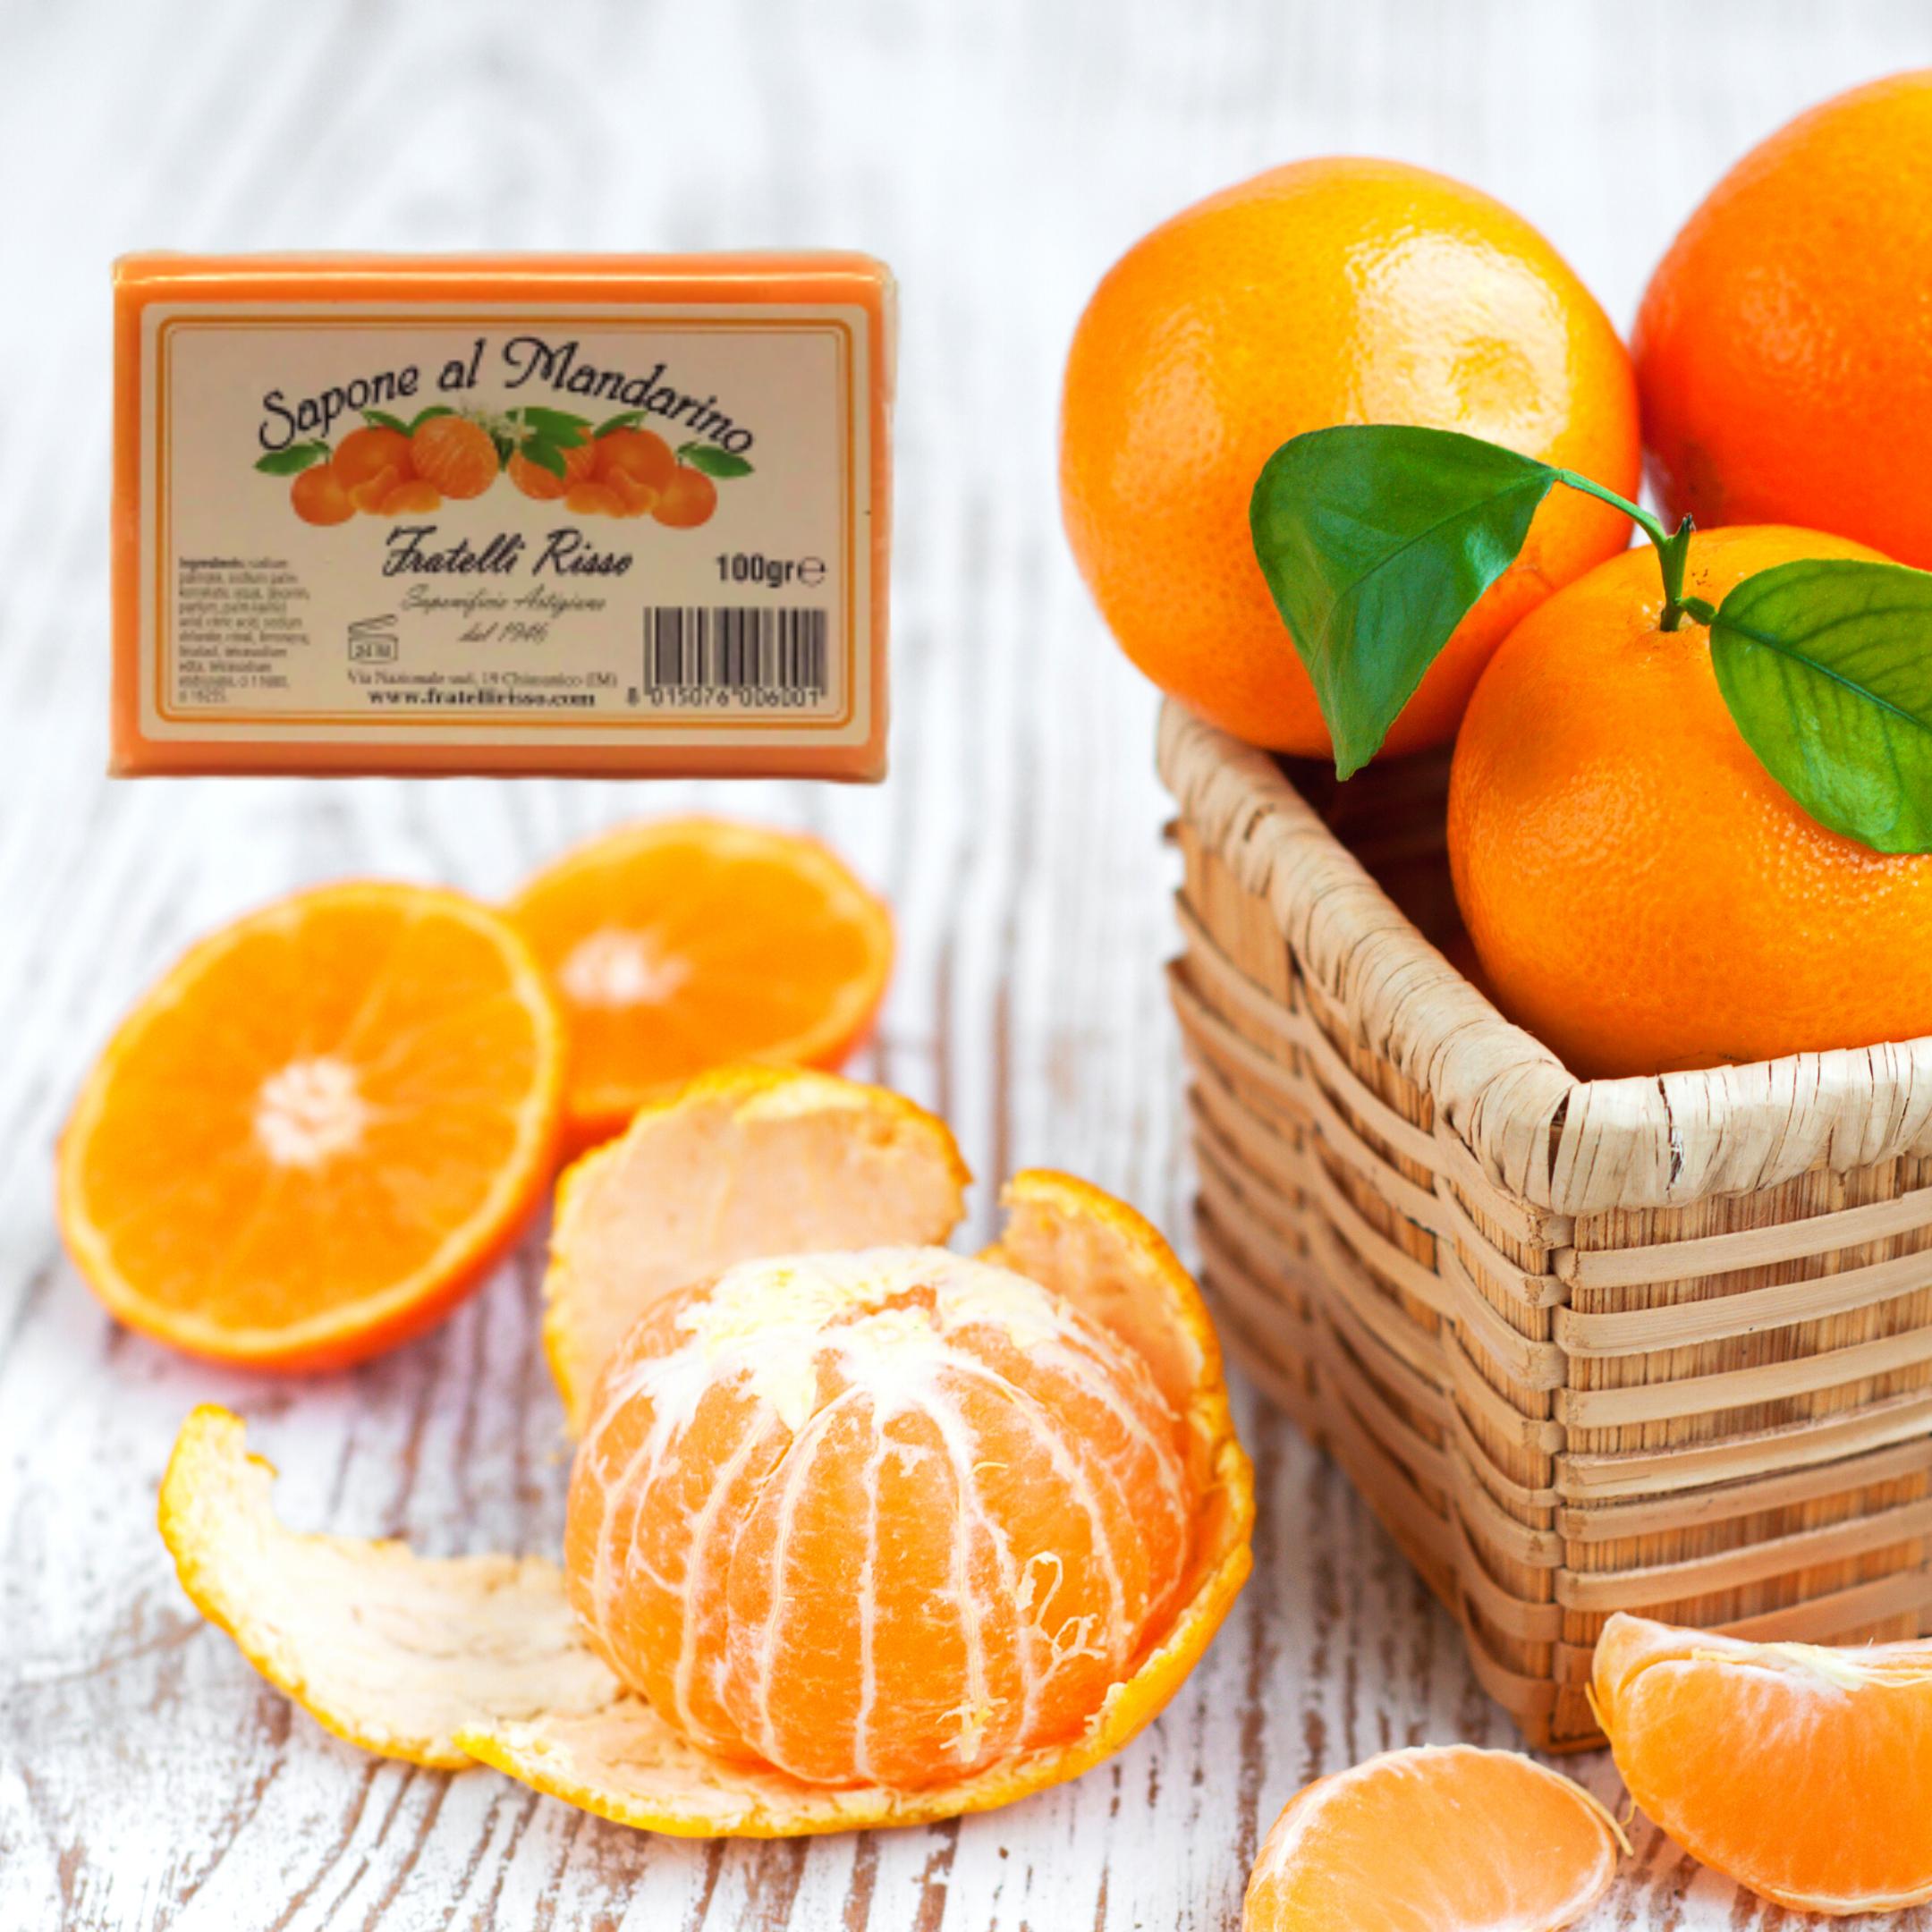 Saponetta al mandarino 100g